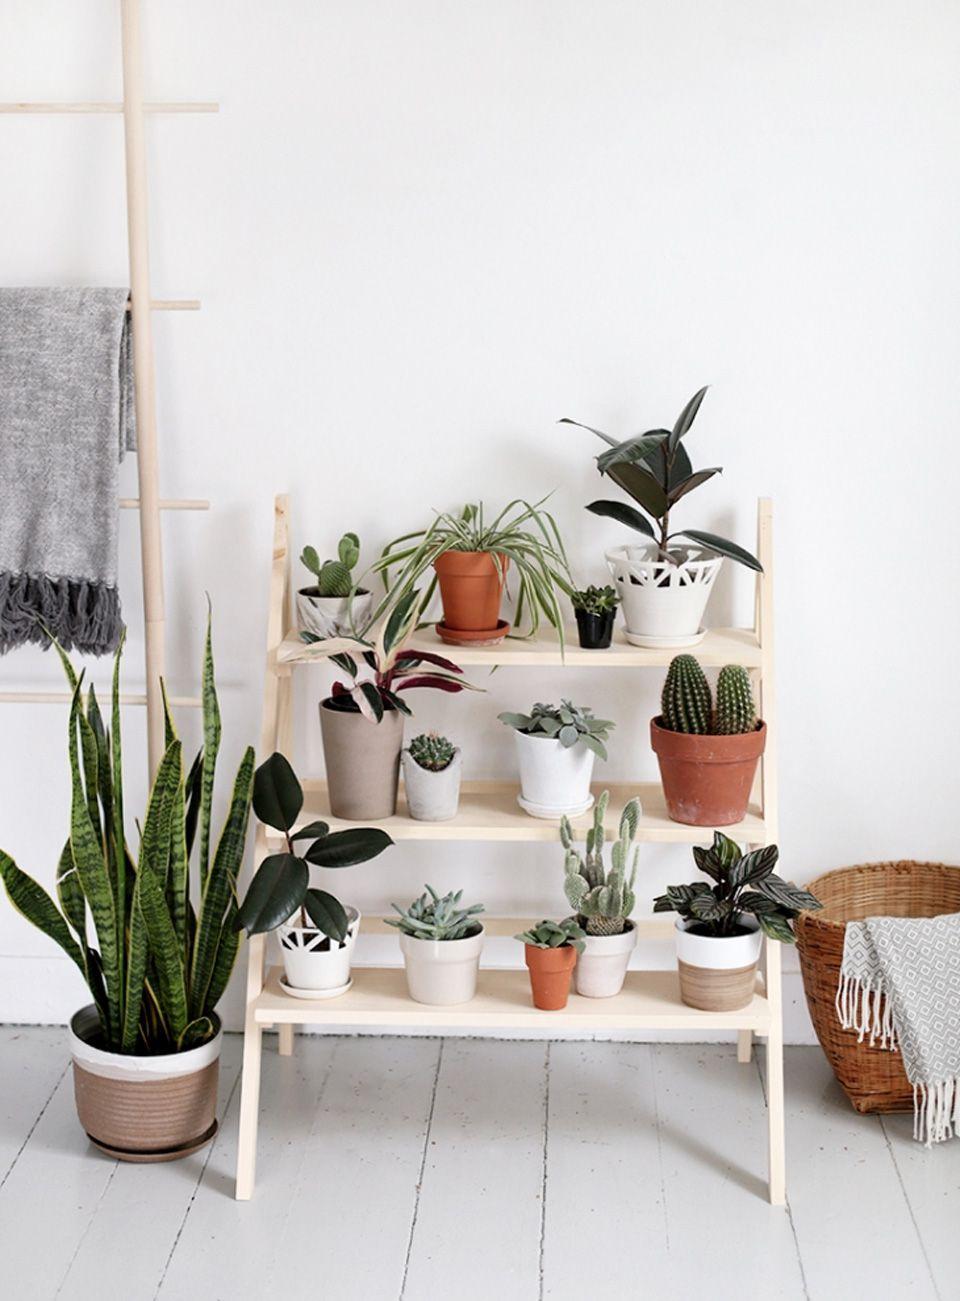 Fabriquer Une Étagère Pour Vos Plantes   Lieux   Etagere ... concernant Etageres Jardin Pour Plantes